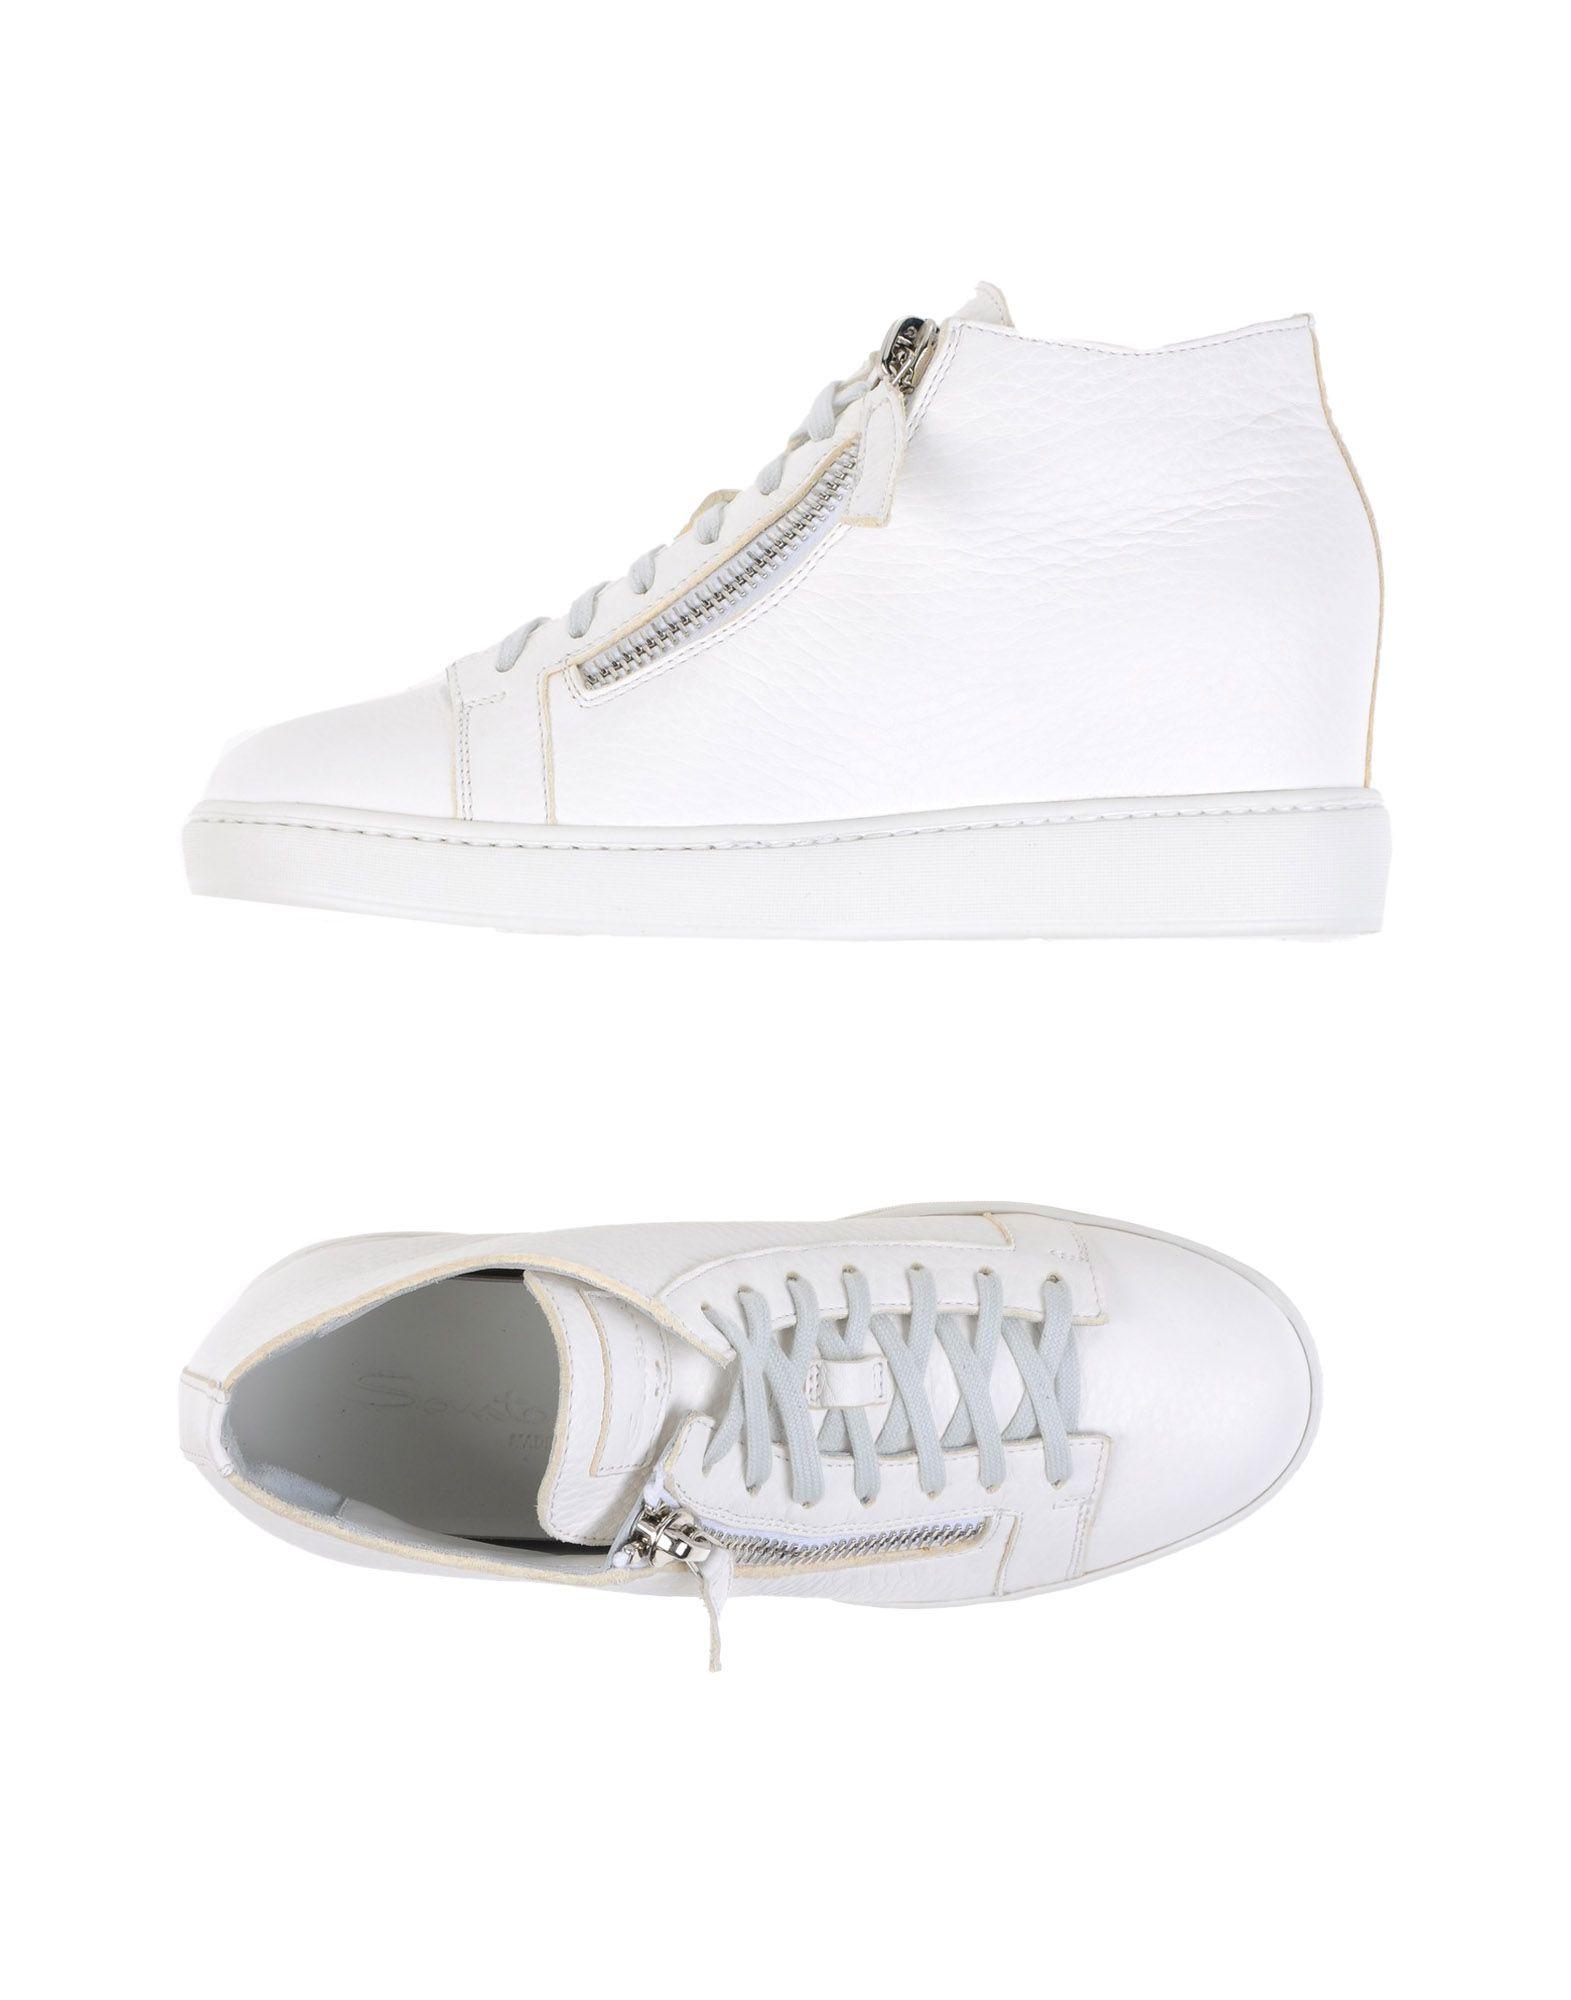 SANTONI Высокие кеды и кроссовки кеды кроссовки высокие женские dc evan txse blue brown white